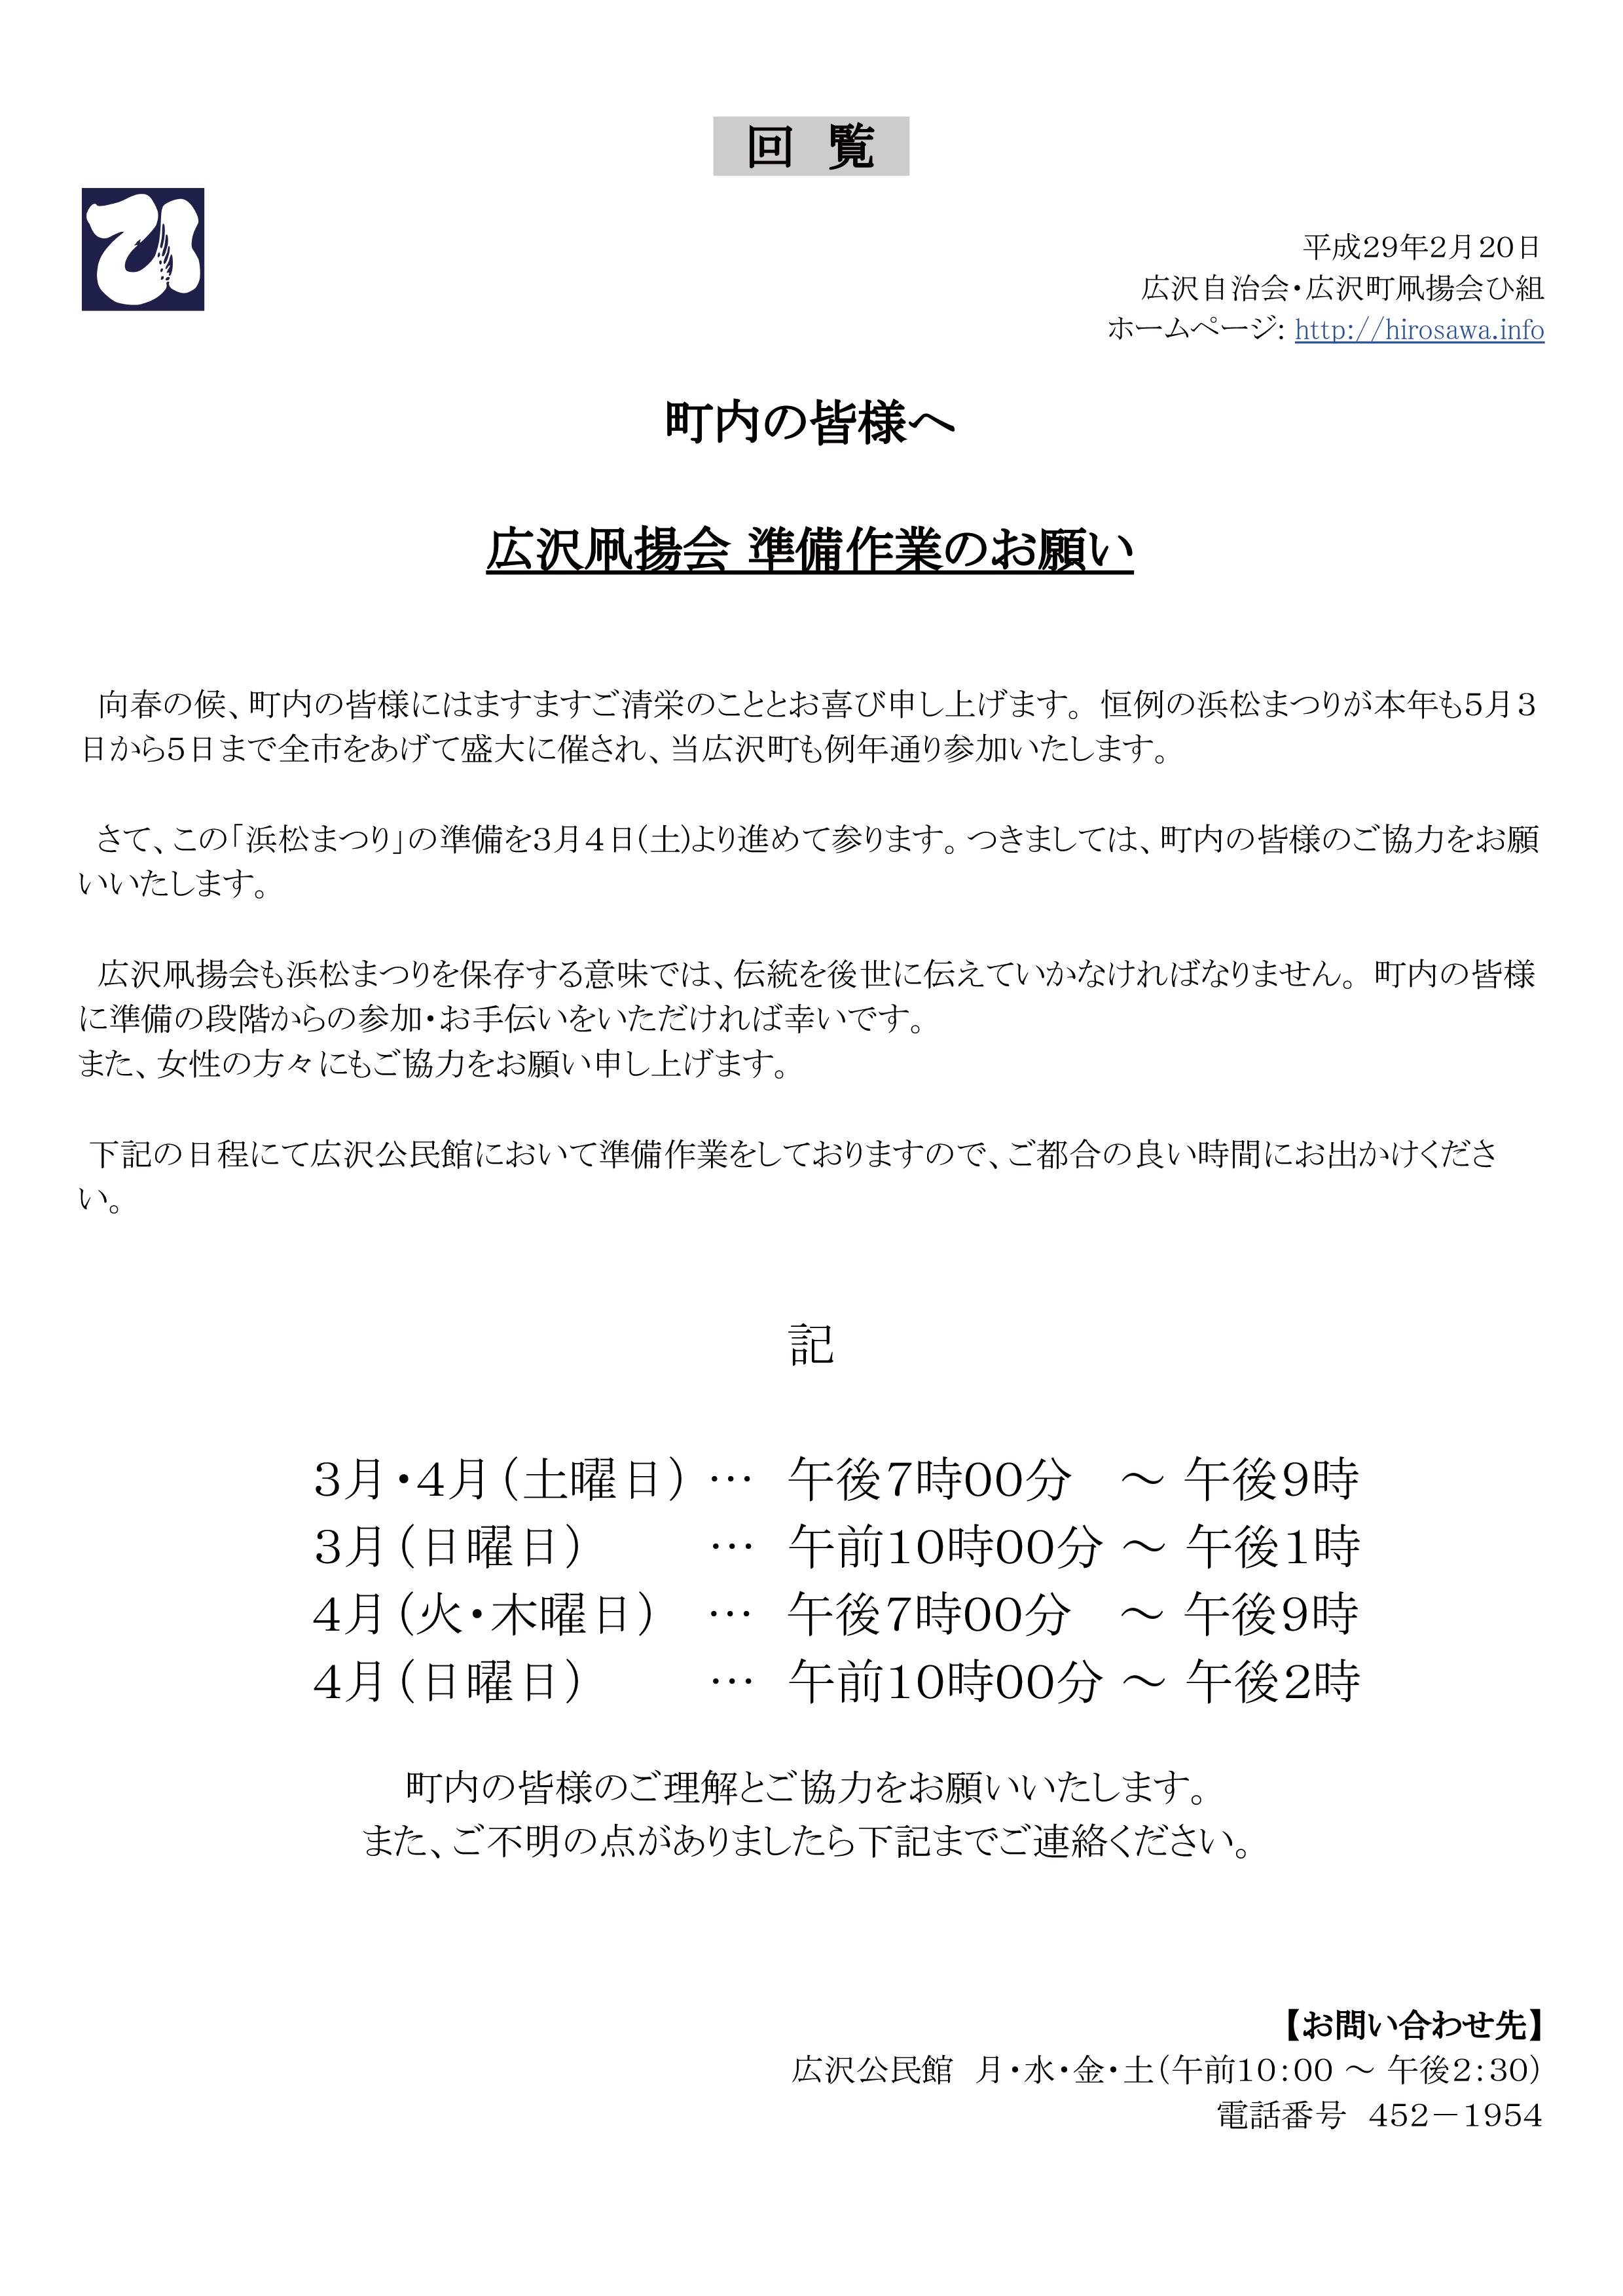 【回覧資料】平成29年2月20日 準備作業のお願い